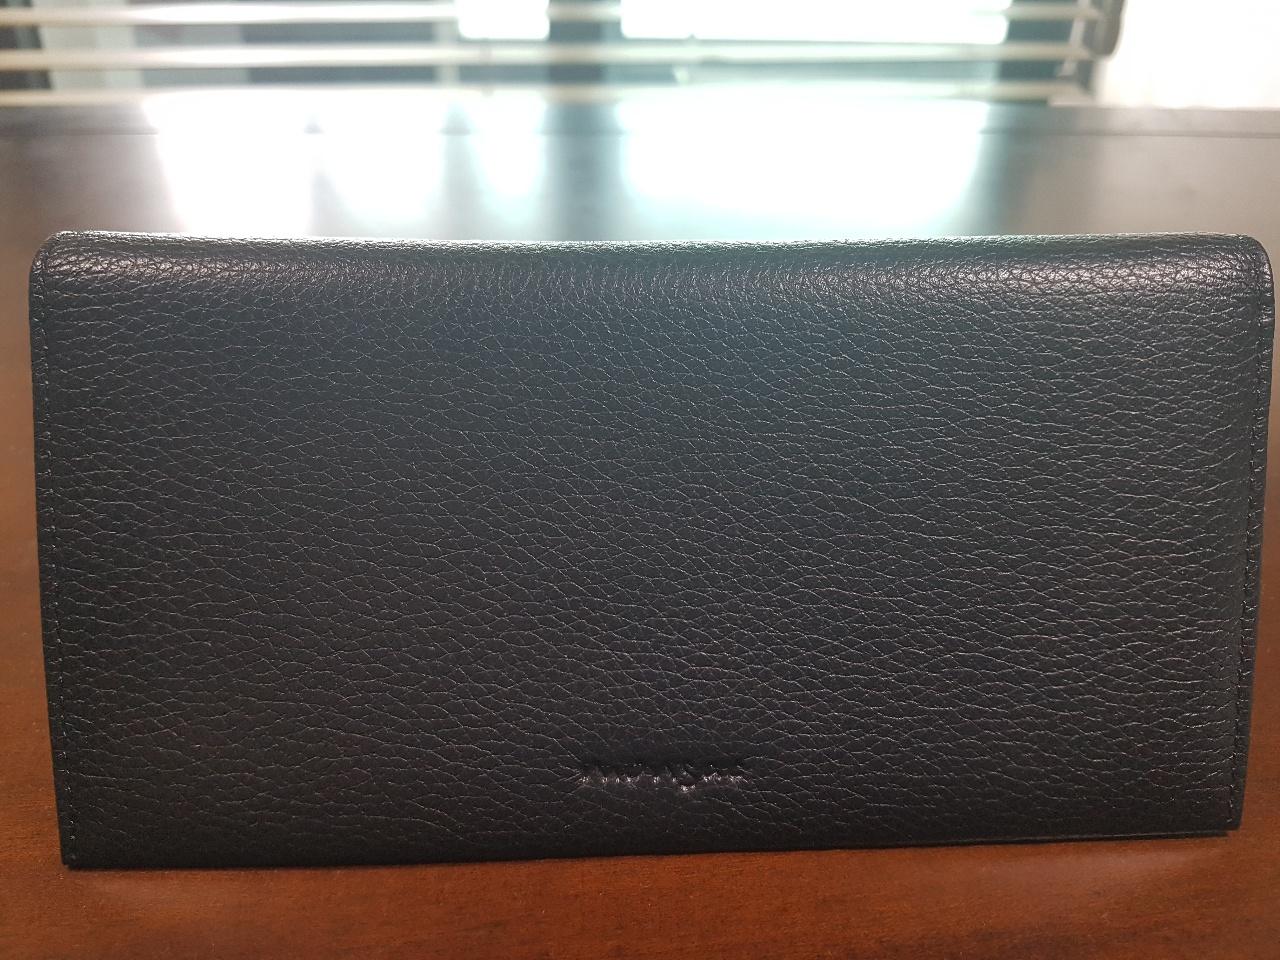 몽삭 블랙 가죽 지갑(새 제품)